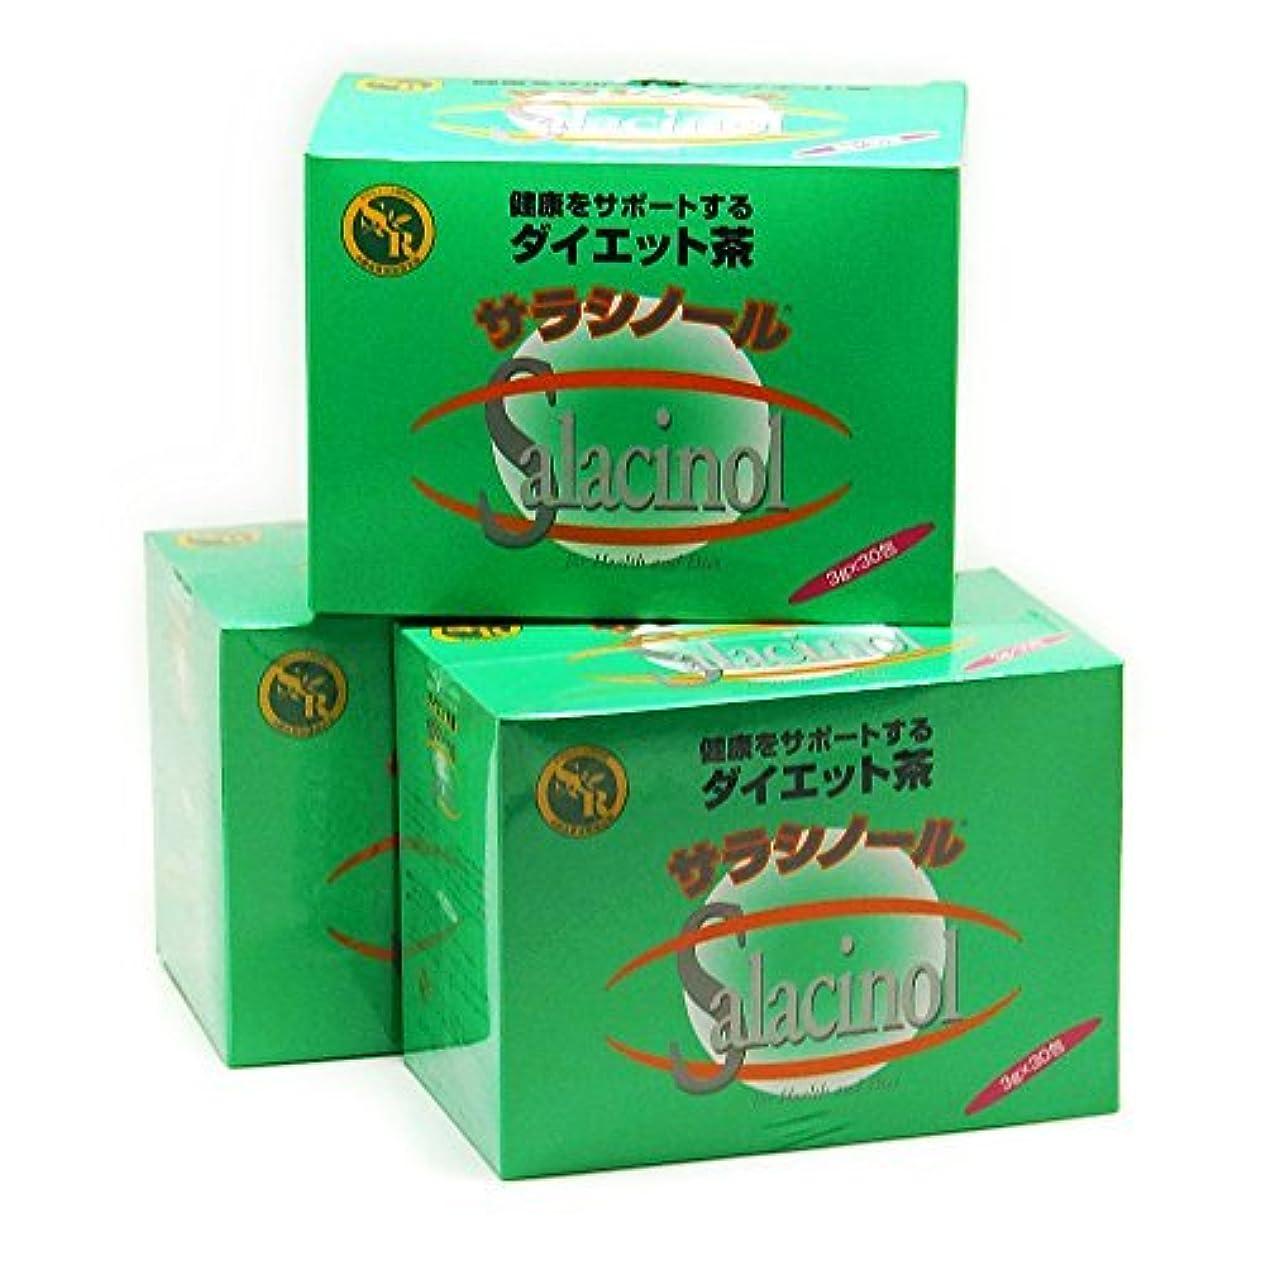 祖先クラックポット熟達サラシノール茶3g×30包(ティーバック)3箱